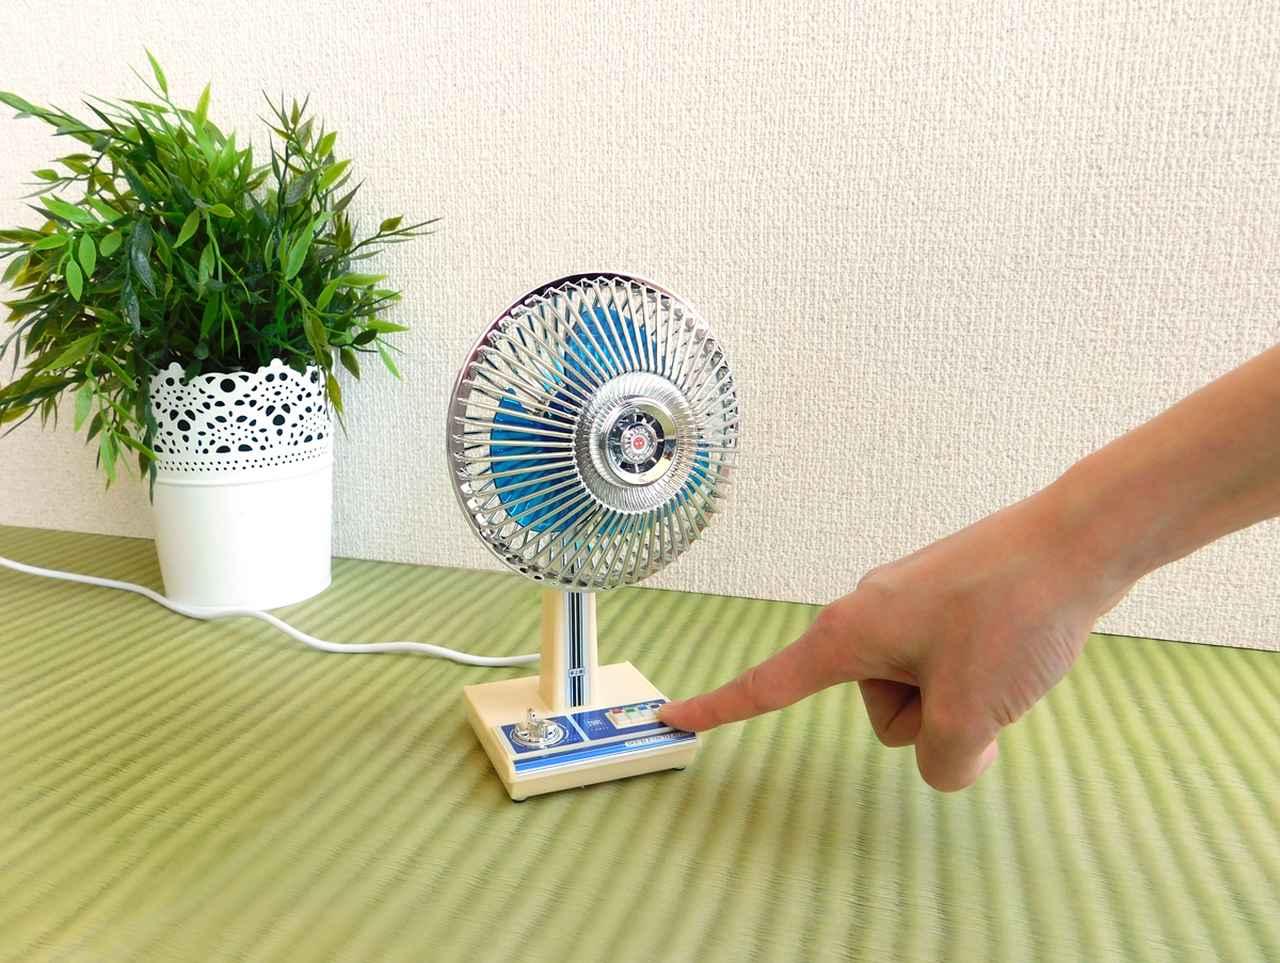 【卓上扇風機】かわいい!そして懐かしい! USB給電の昭和扇風機がタカラトミーから新発売